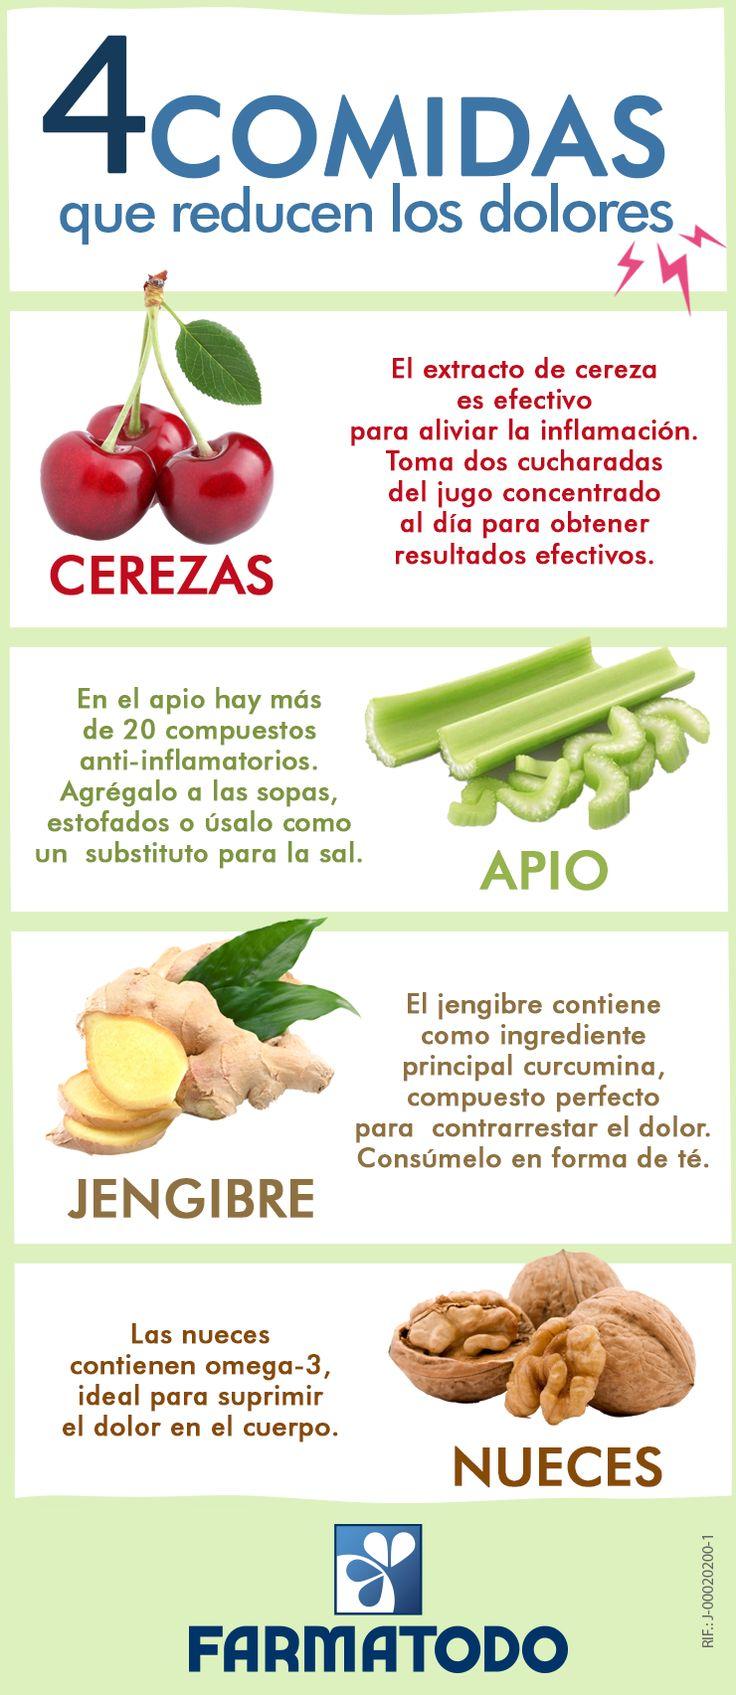 comidas que reducen los dolores